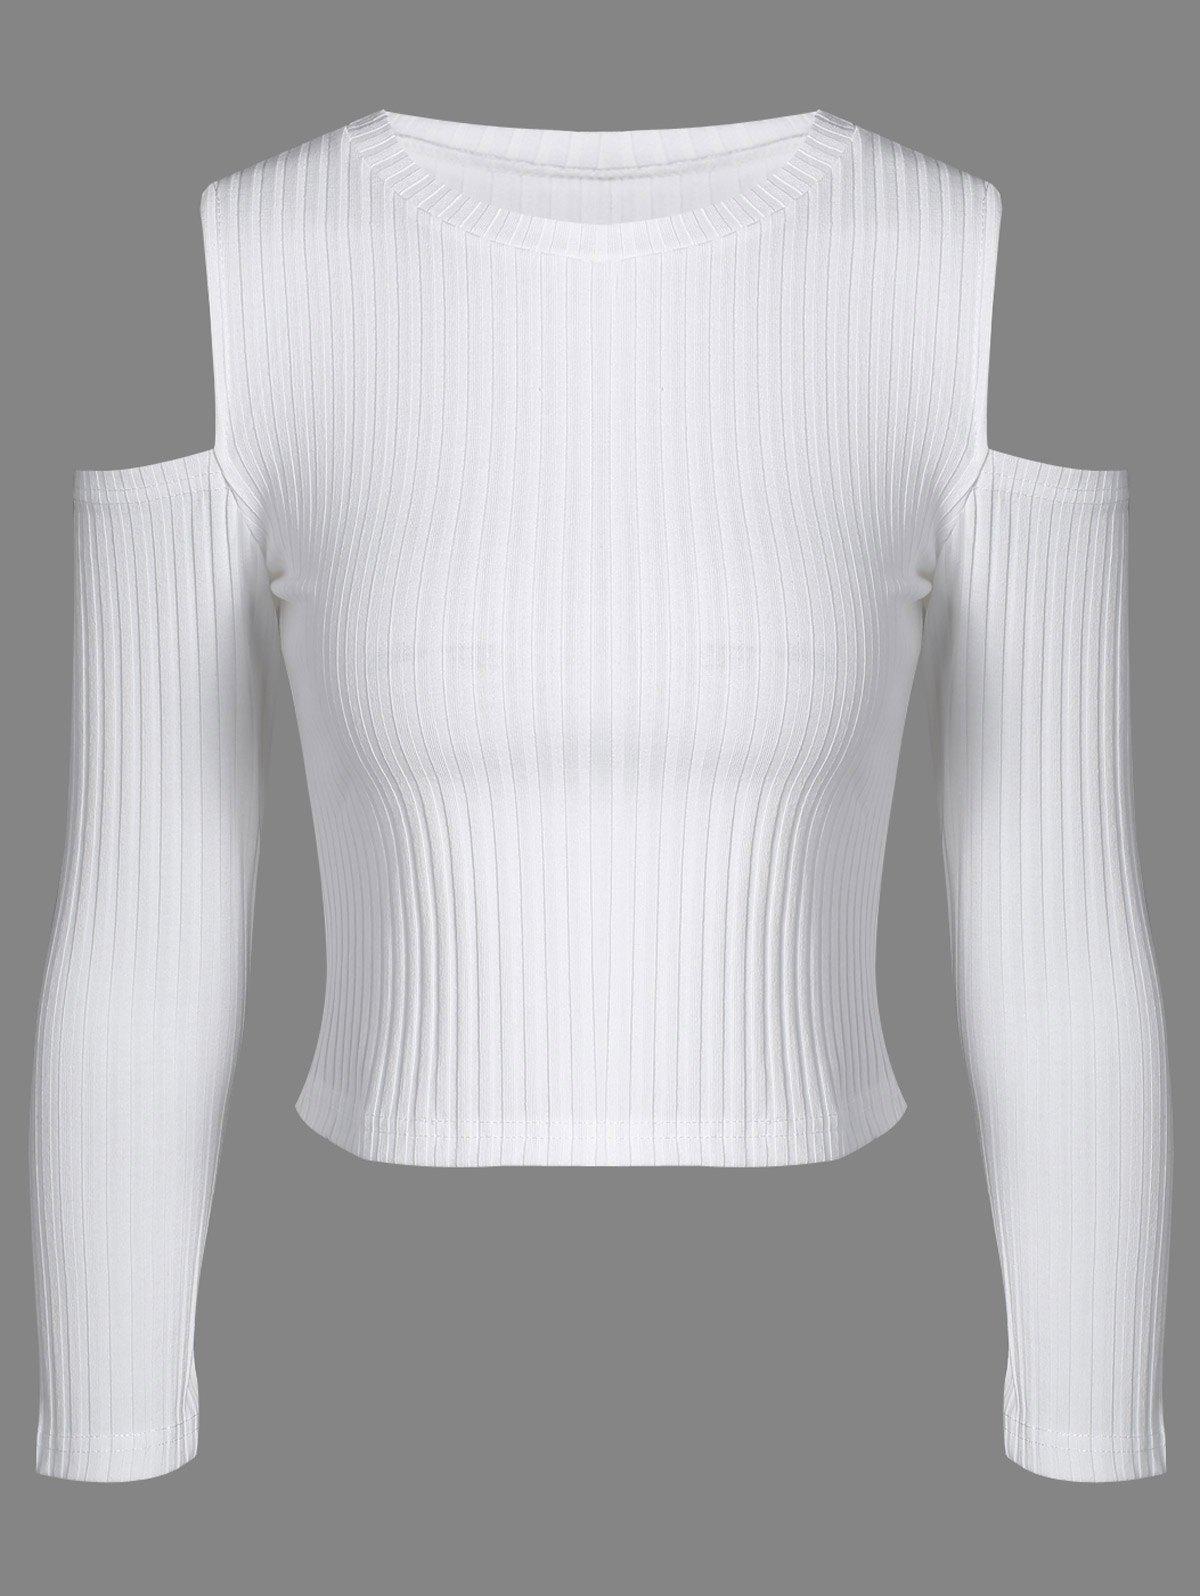 Jewel Neck Cold Shoulder Knitwear